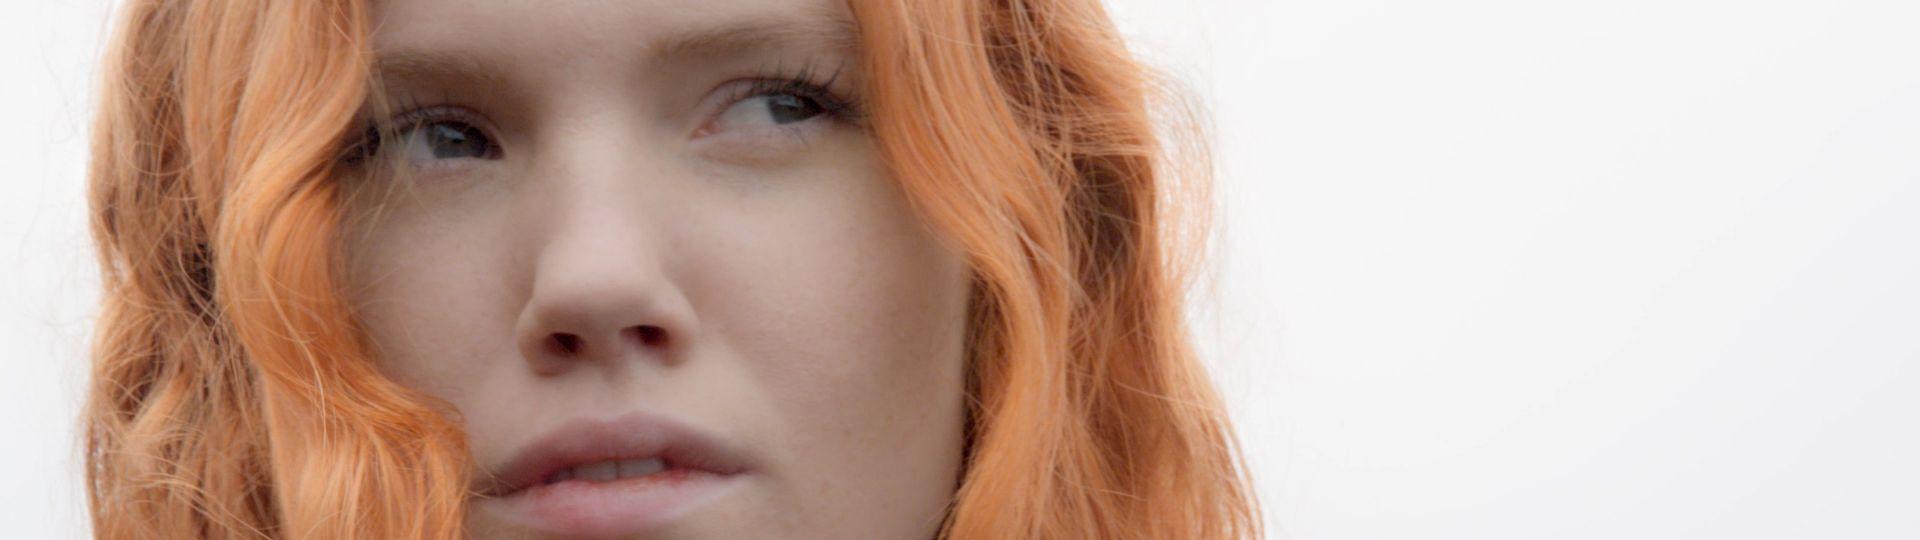 Gesicht einer rothaarigen Frau